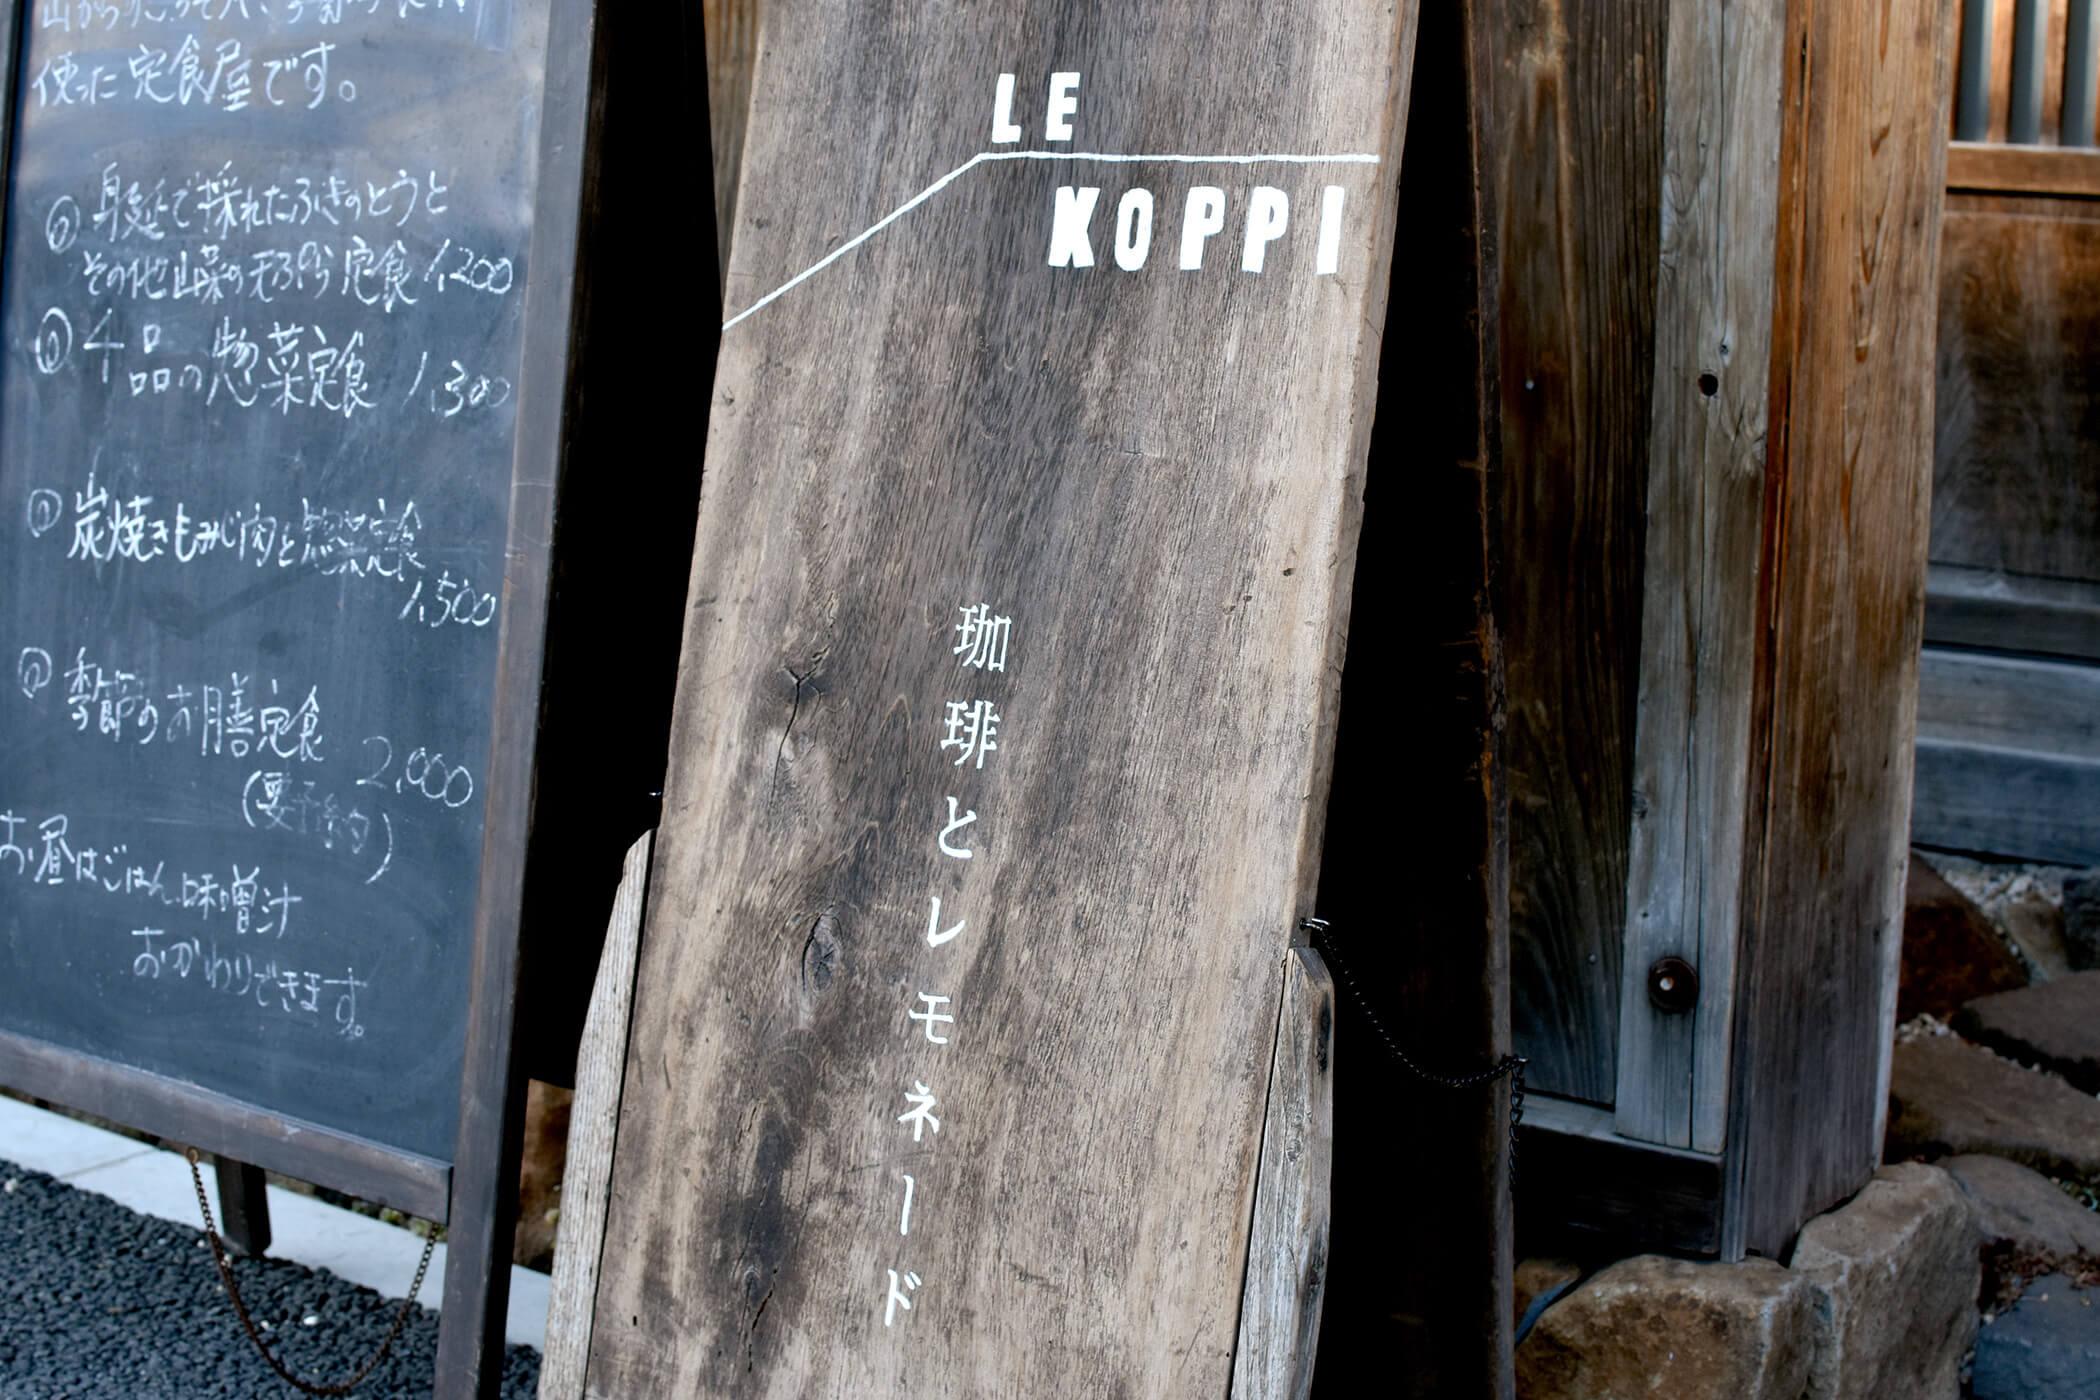 LE KOPPI(ルコピ) 写真3